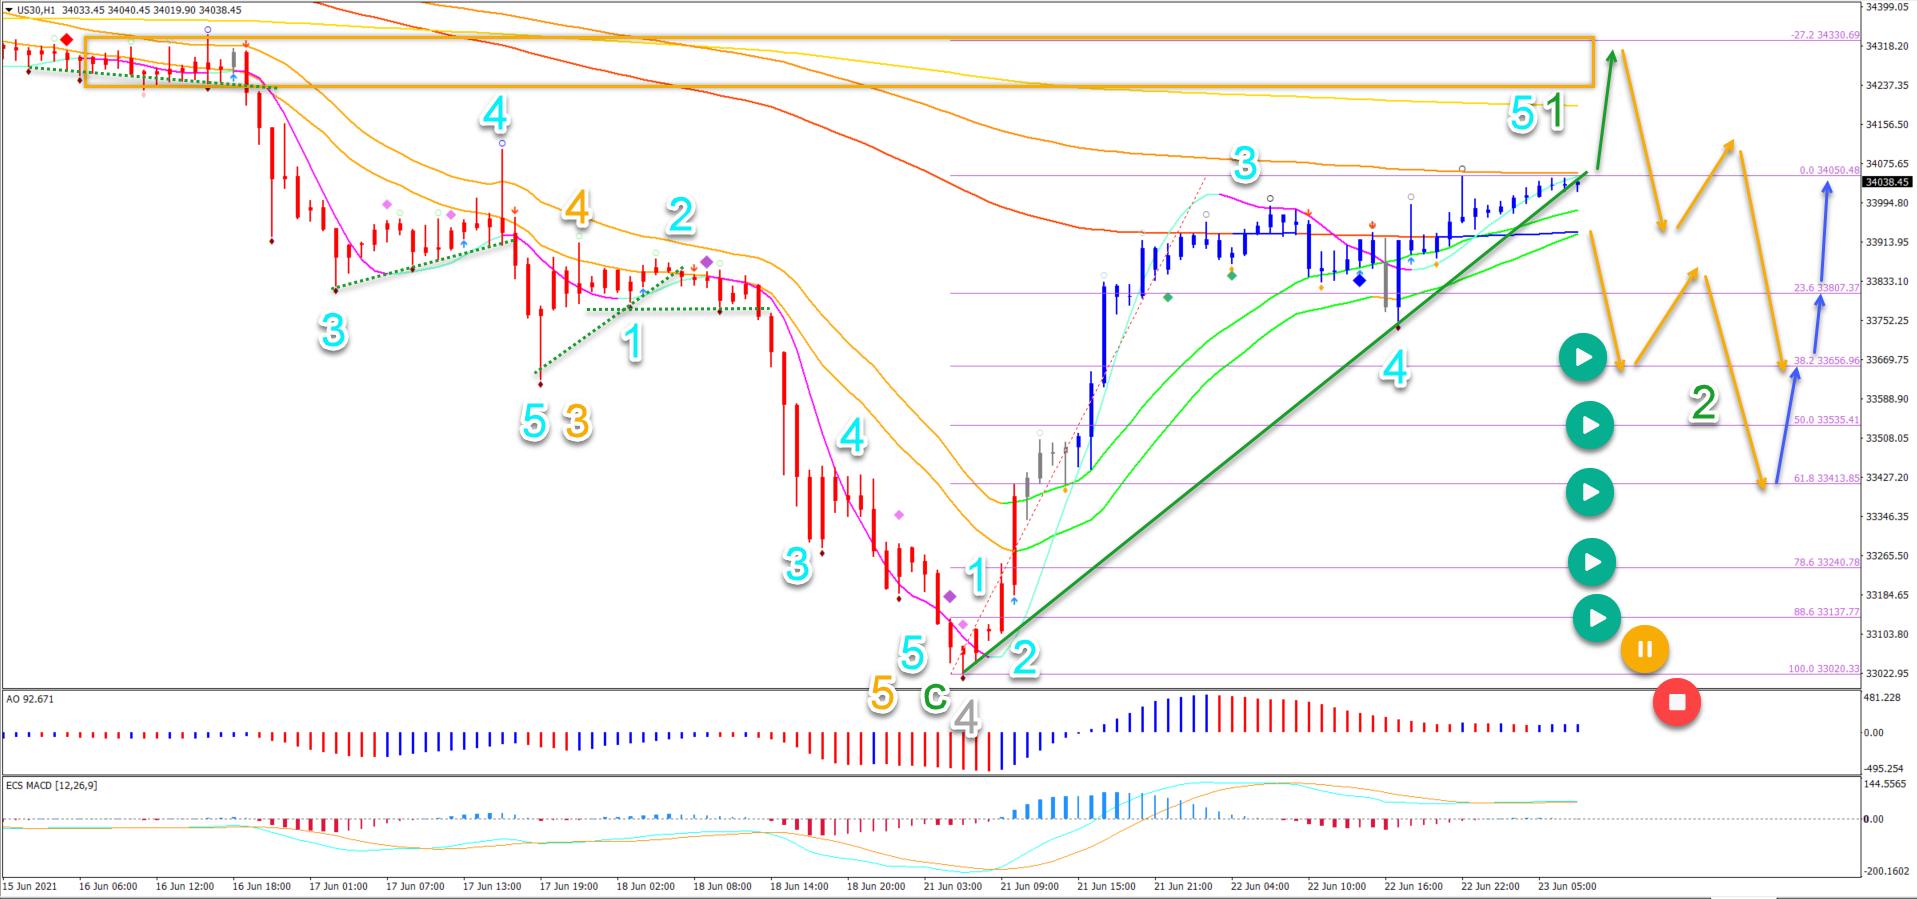 Dow Jones 23.06.2021 1 hour chart